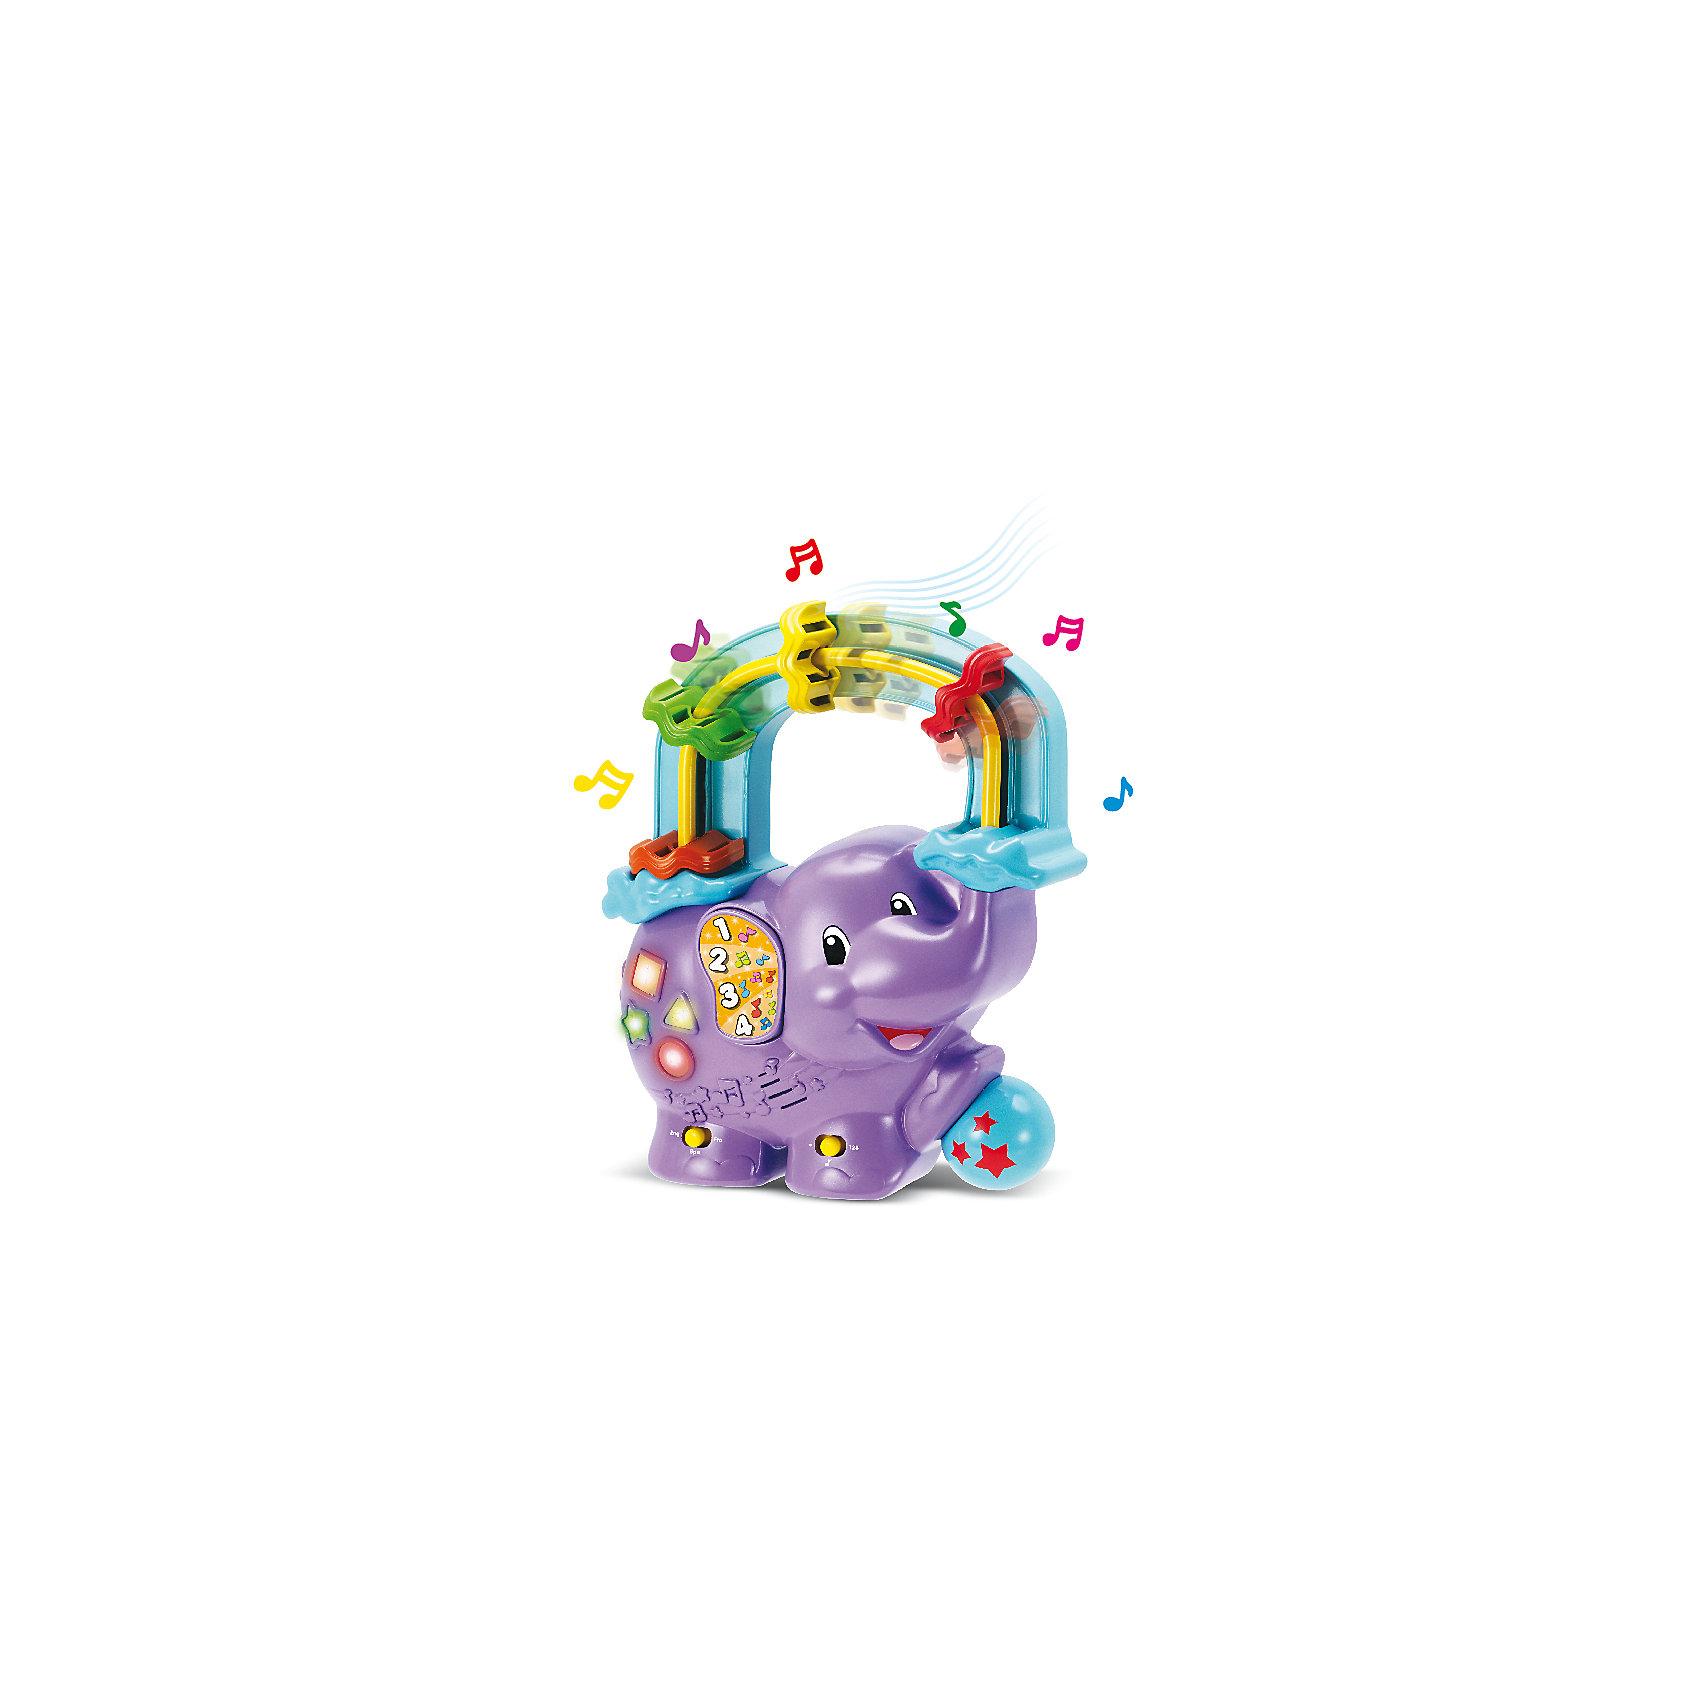 Музыкальная игрушка-считалка Веселый слоник, KeenwayМузыкальные инструменты и игрушки<br>Музыкальная игрушка-считалка Веселый слоник от  Keenway - отличный подарок ребенку. Это красочная игрушка, которая обязательно понравится малышу. Она выполнена в виде веселого слоника. Игрушка воспроизводит музыку и считает на трех языках — английском, французском и испанском.<br>Игрушка по габаритам идеально подходит для маленьких ручек малыша. Весит совсем немного. Такие игрушки помогают развить мелкую моторику, логическое мышление и воображение ребенка. Эта игрушка выполнена из высококачественного прочного пластика, безопасного для детей.<br>  <br>Дополнительная информация:<br><br>цвет: разноцветный;<br>материал: пластик;<br>размер: 22 x 8 x 27 см;<br>батарейки: 2ХхАА, в комплекте;<br>вес:  500 г.<br><br>Музыкальную игрушку-считалку Веселый слоник от компании Keenway можно купить в нашем магазине.<br><br>Ширина мм: 240<br>Глубина мм: 150<br>Высота мм: 200<br>Вес г: 506<br>Возраст от месяцев: 36<br>Возраст до месяцев: 120<br>Пол: Унисекс<br>Возраст: Детский<br>SKU: 4810978